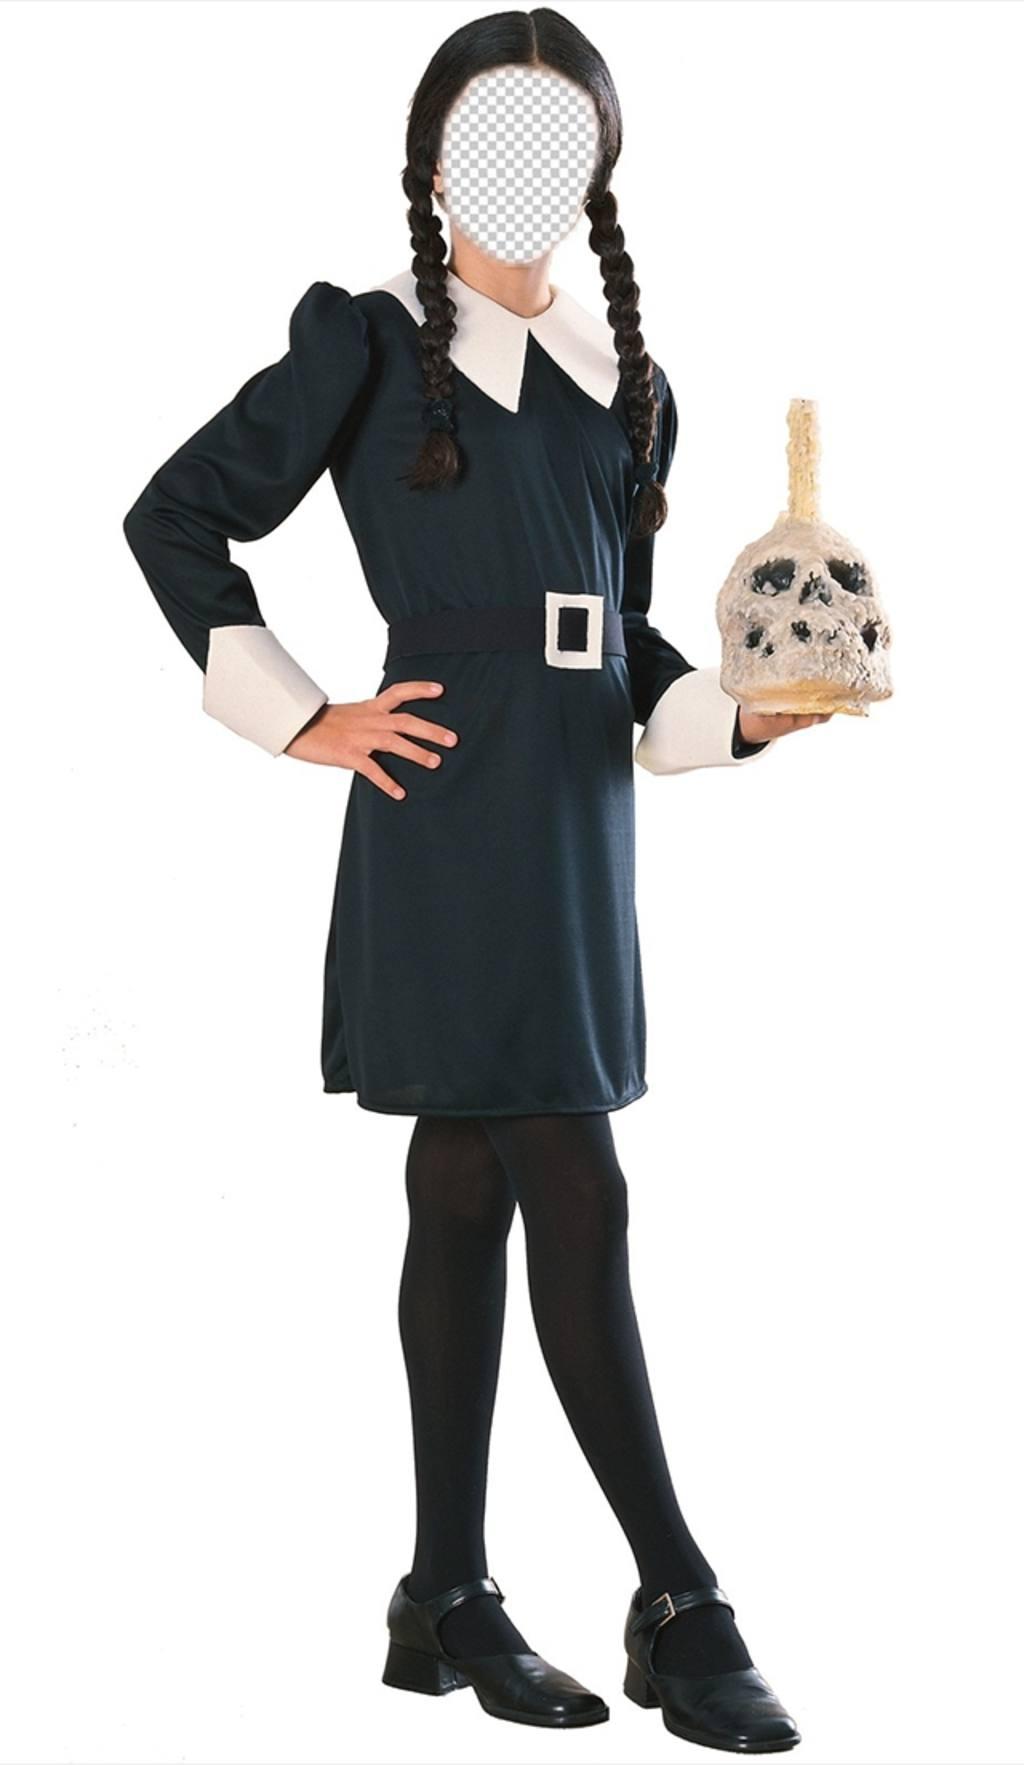 Créer un photomontage terrifiant avec cette photographie de mercredi Addams